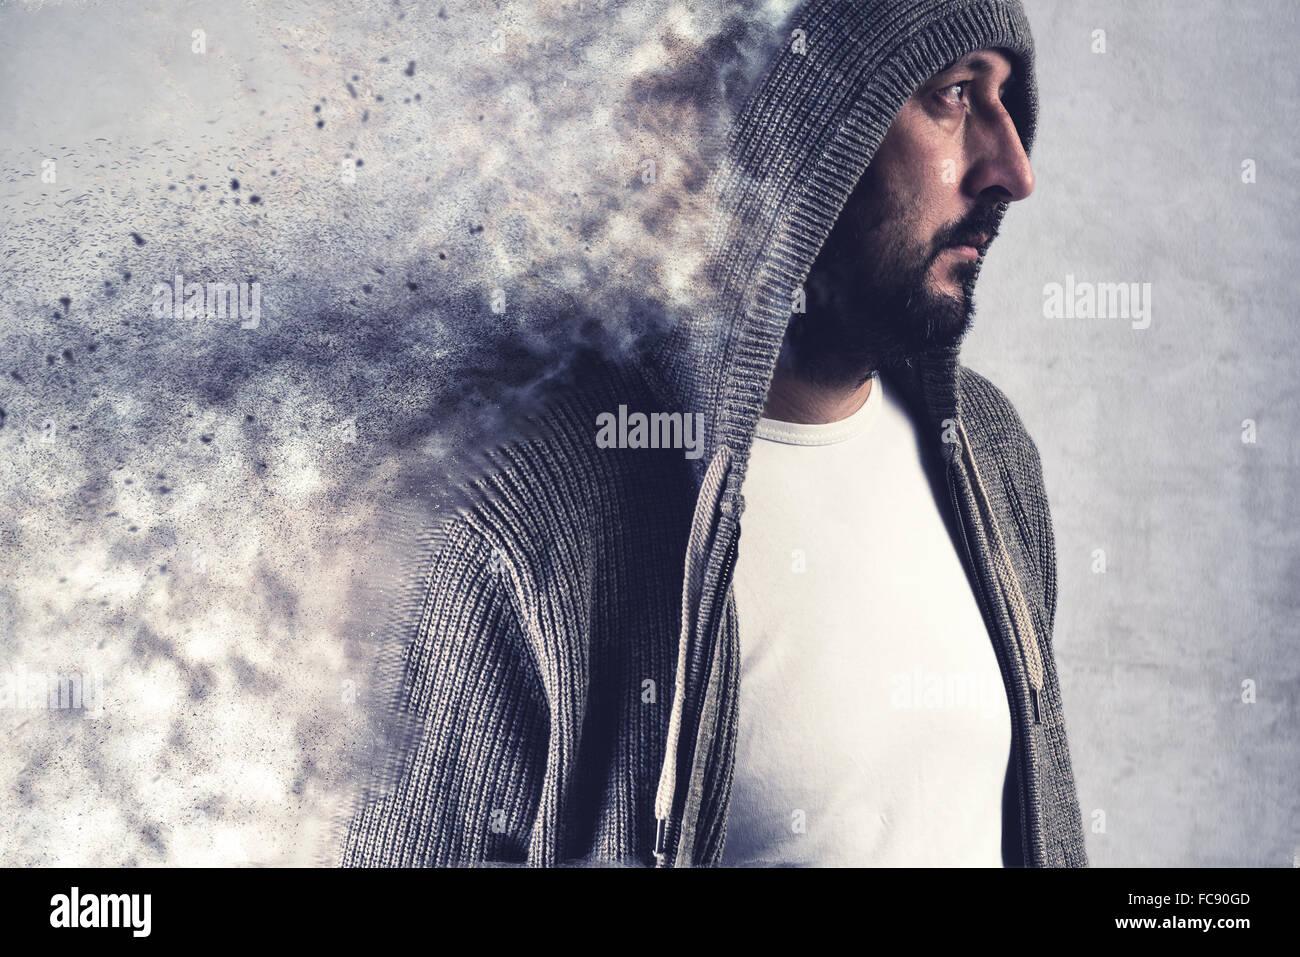 Adultos caucasain barbudo hombre disolviendo bajo estrés, imagen conceptual Imagen De Stock